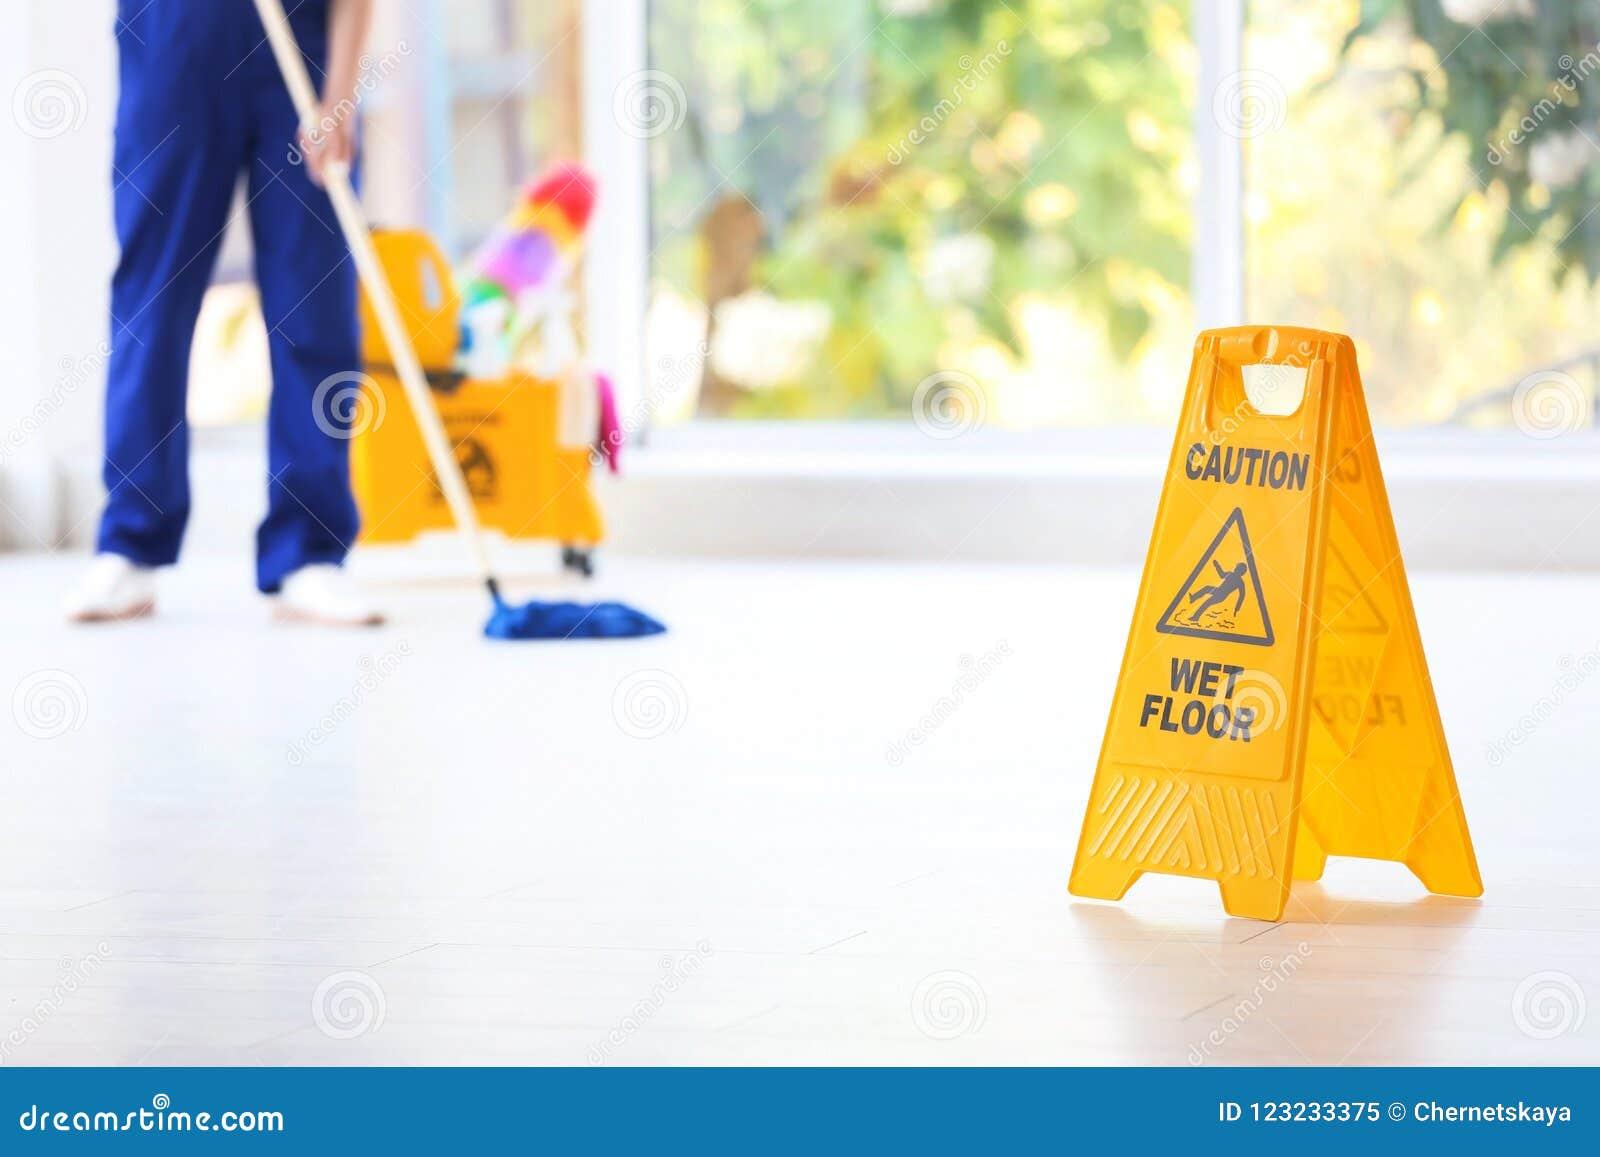 Sinal de segurança com o assoalho molhado do cuidado da frase